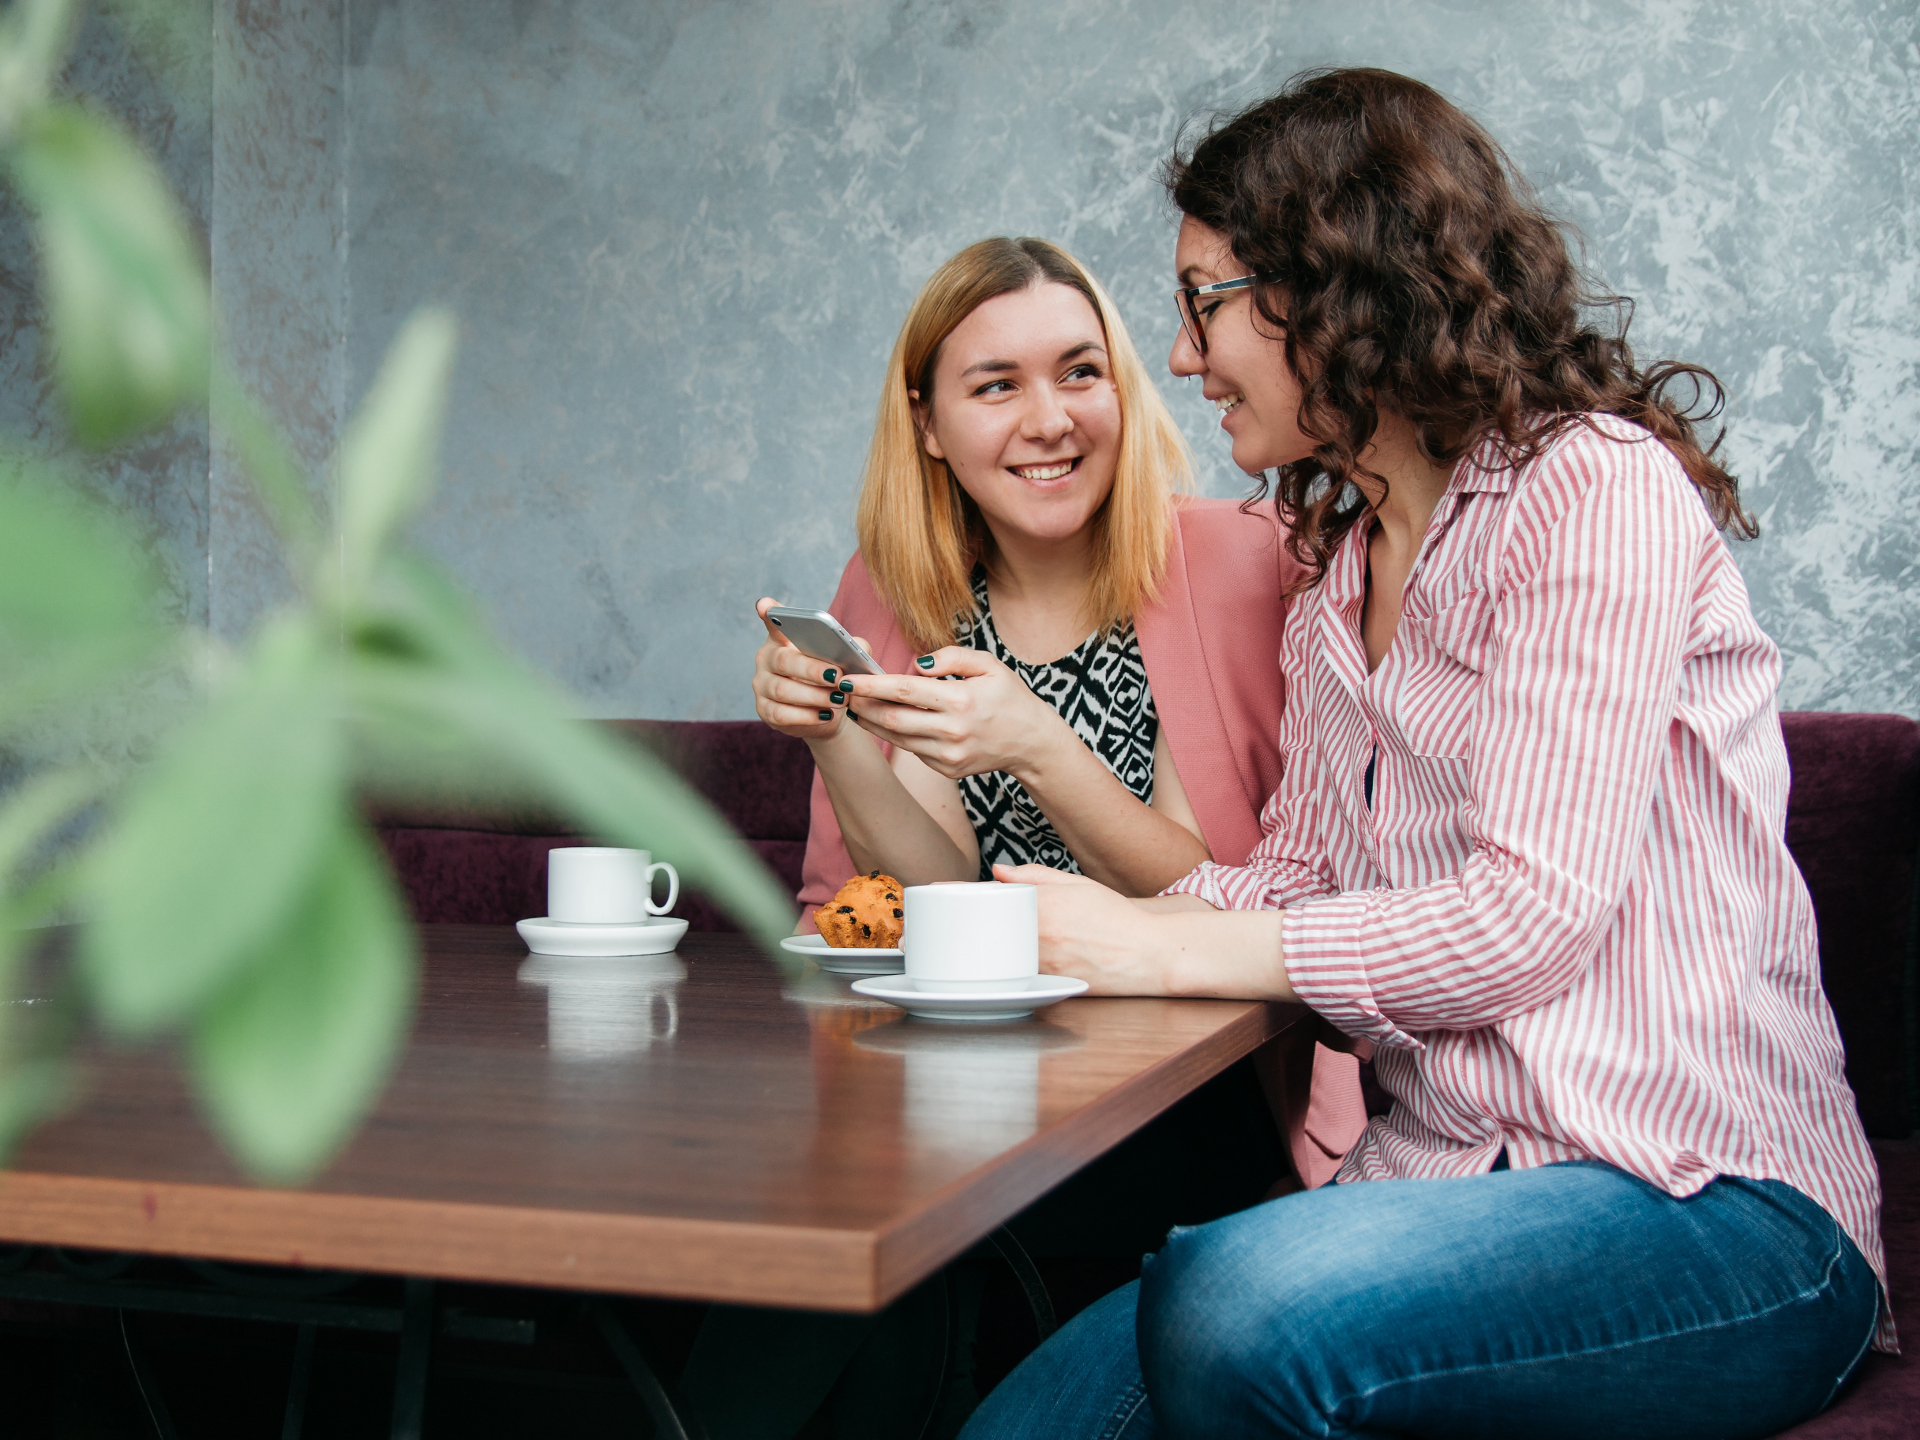 Direkter Austausch mit Gleichgesinnten bei Veranstaltungen oder ähnlichem kann viel Informationen zutage fördern. - Photocredit: pixabay.com/nastya_gepp